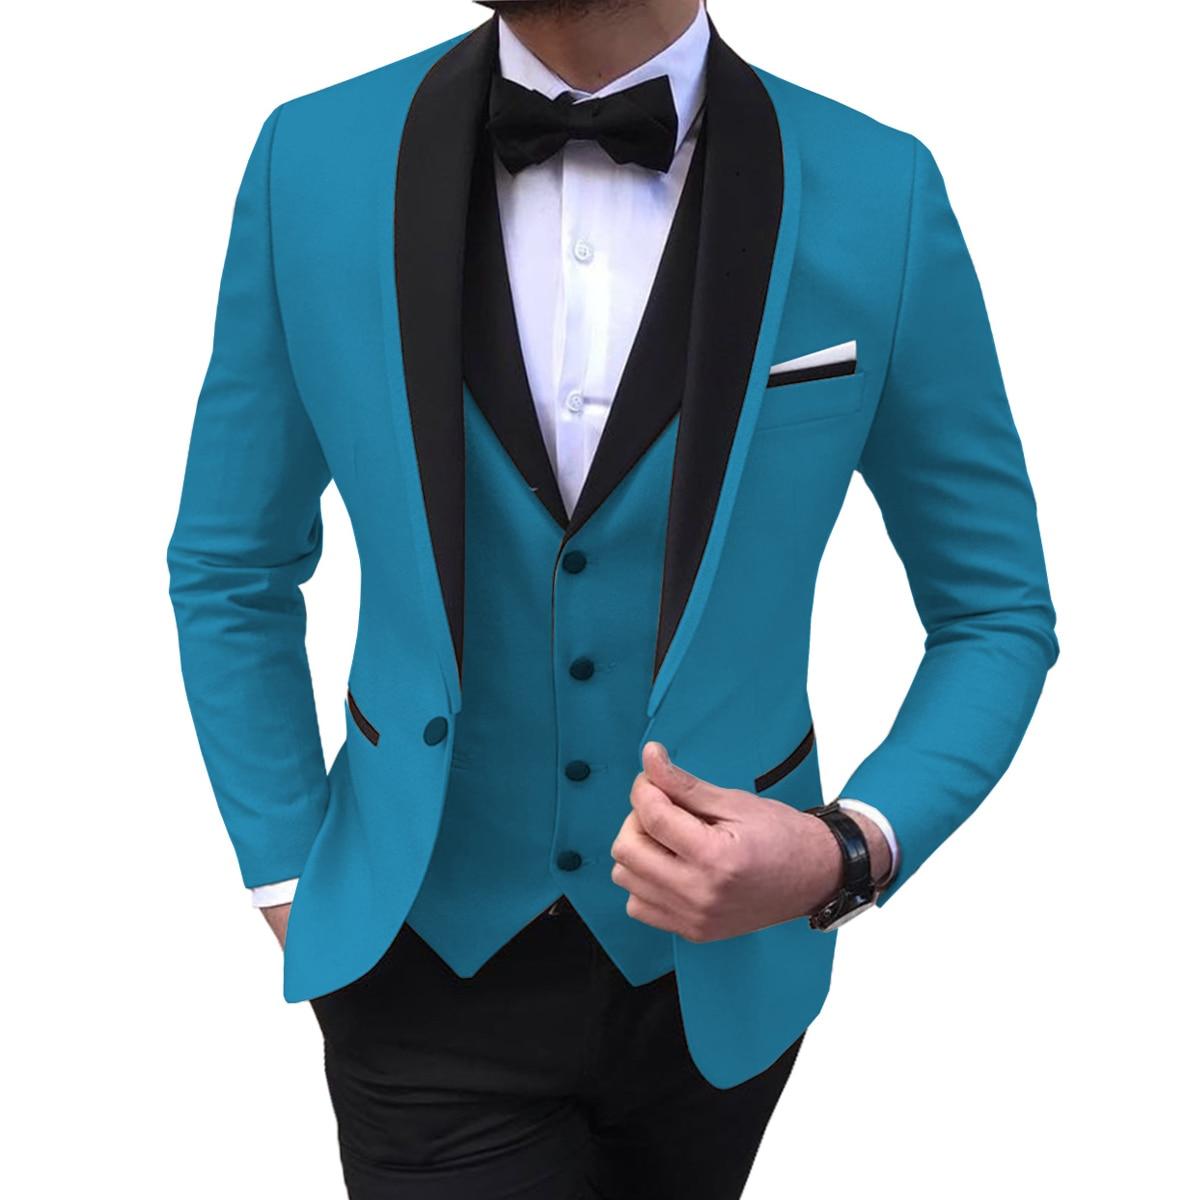 Blue Slit Mens Suits 3 Piece Black Shawl Lapel Casual Tuxedos for Wedding Groomsmen Suits Men 2020 (Blazer+Vest+Pant)